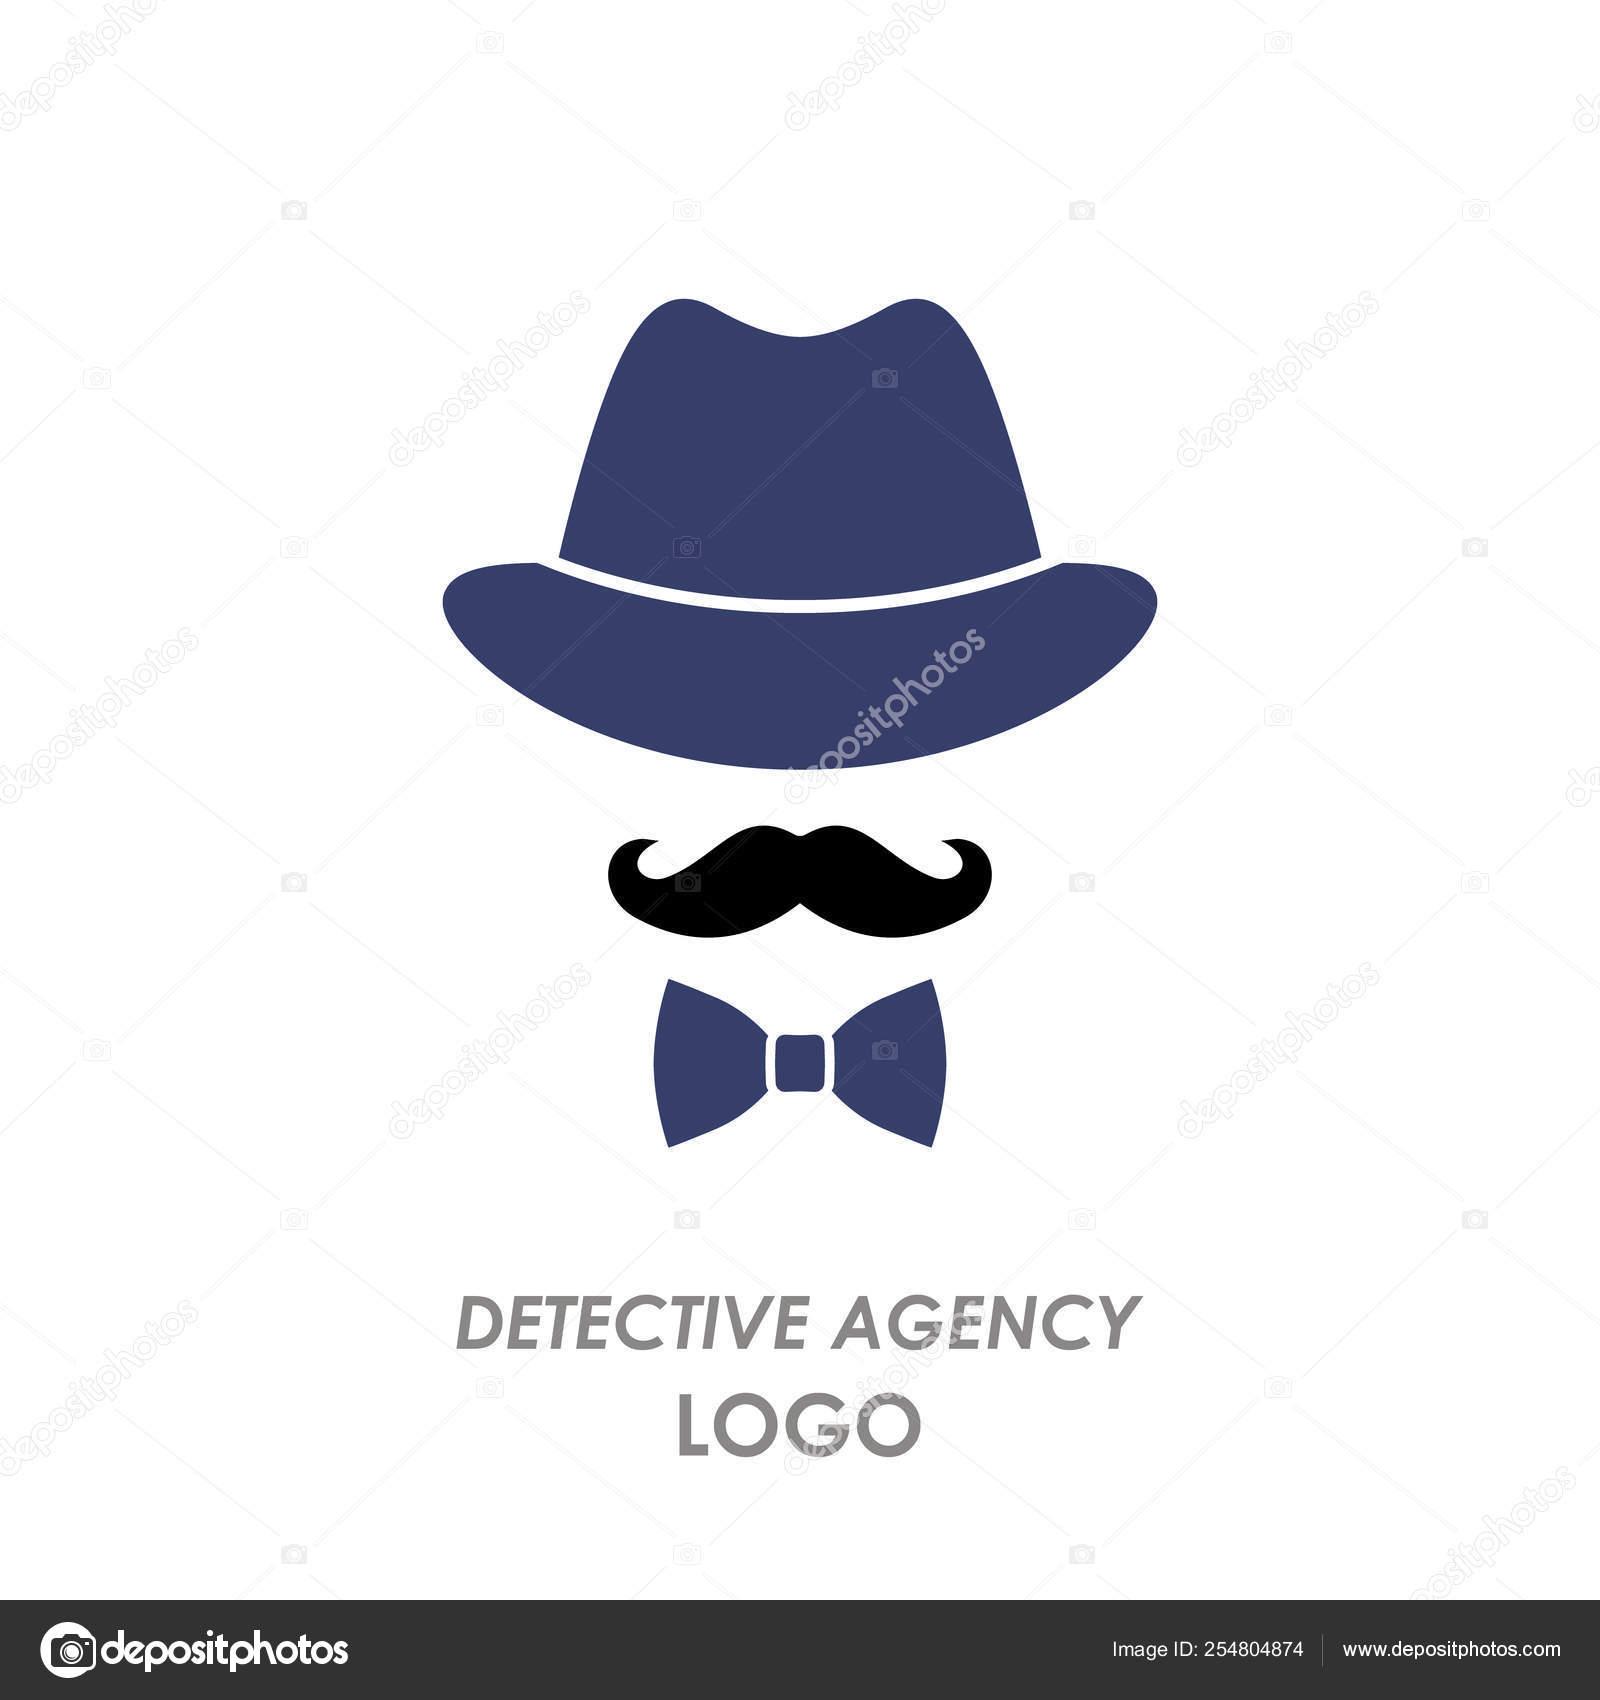 prix plancher vente pas cher dessin de mode Silhouette chapeau, moustache, noeud papillon, agence de ...